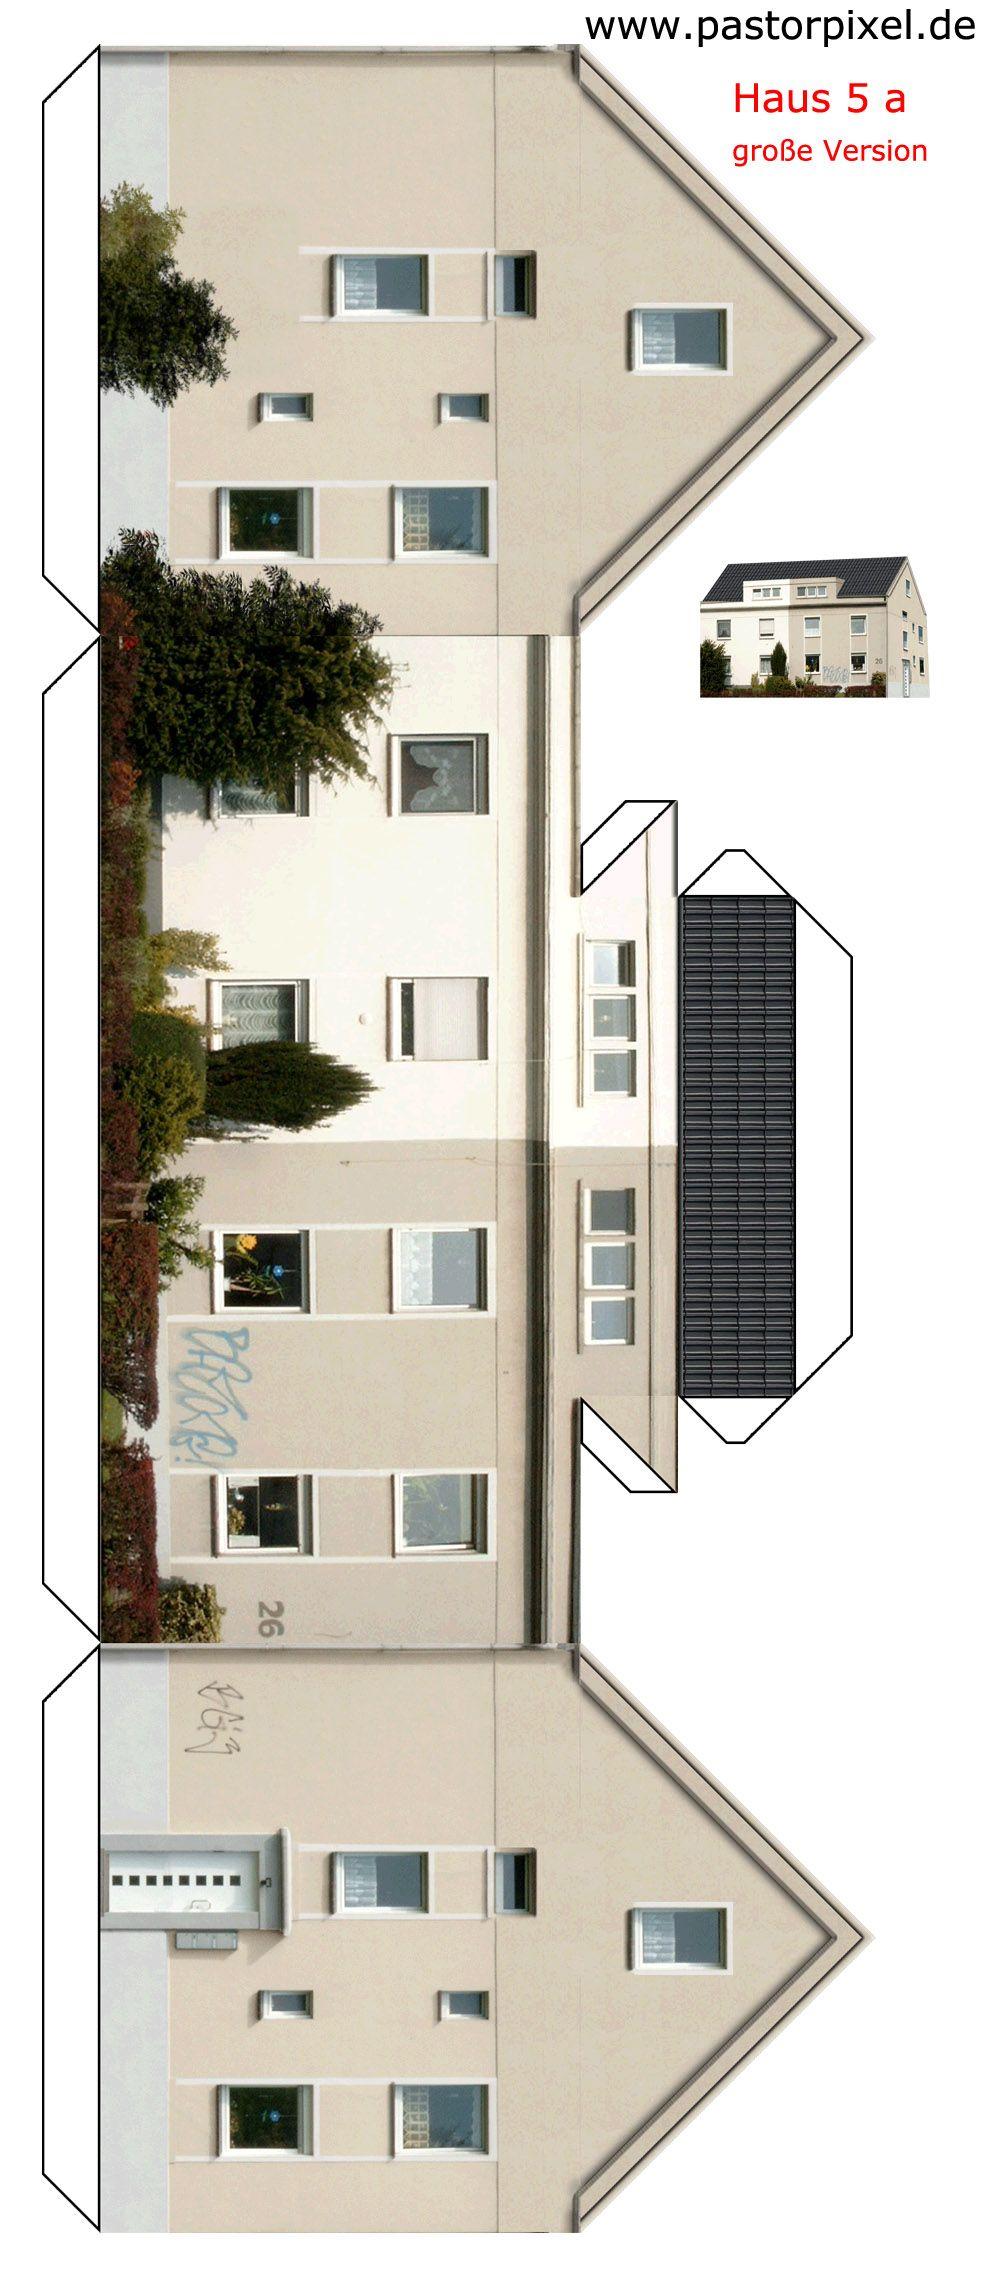 ausschneidebogen dortmund haus bauanleitung bogen ausschneiden und 3d papier. Black Bedroom Furniture Sets. Home Design Ideas